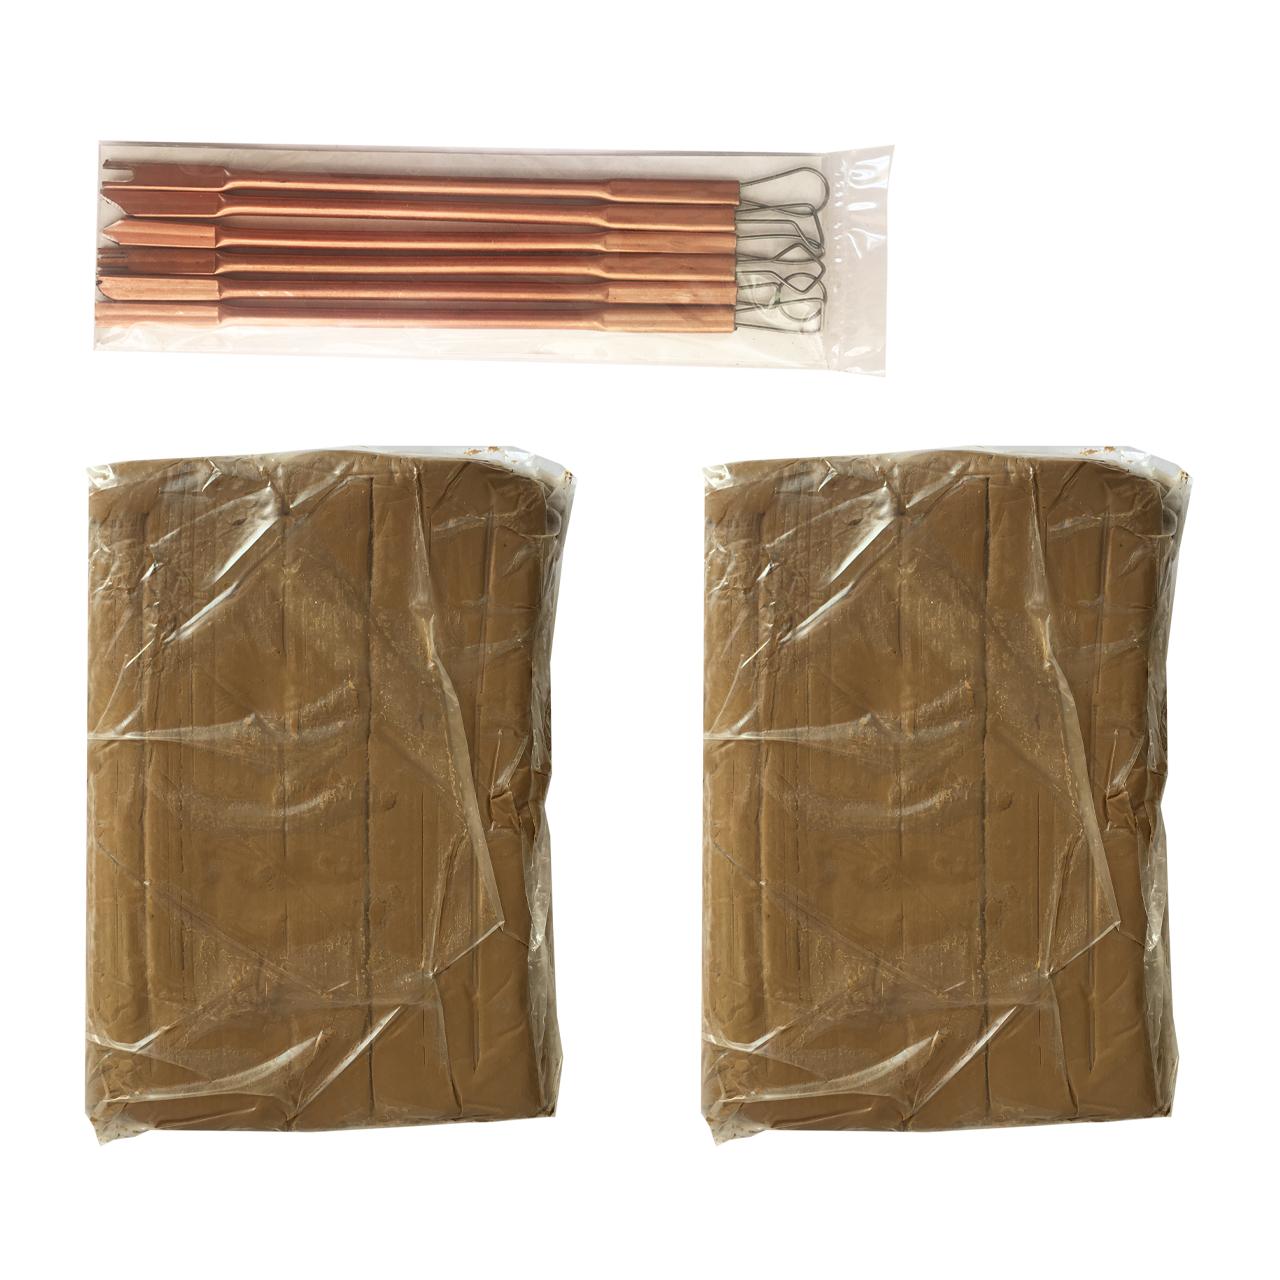 خرید                     گل سفالگری گالری نفیس بسته 2 عددی همراه با ابزار سفالگری فلزی